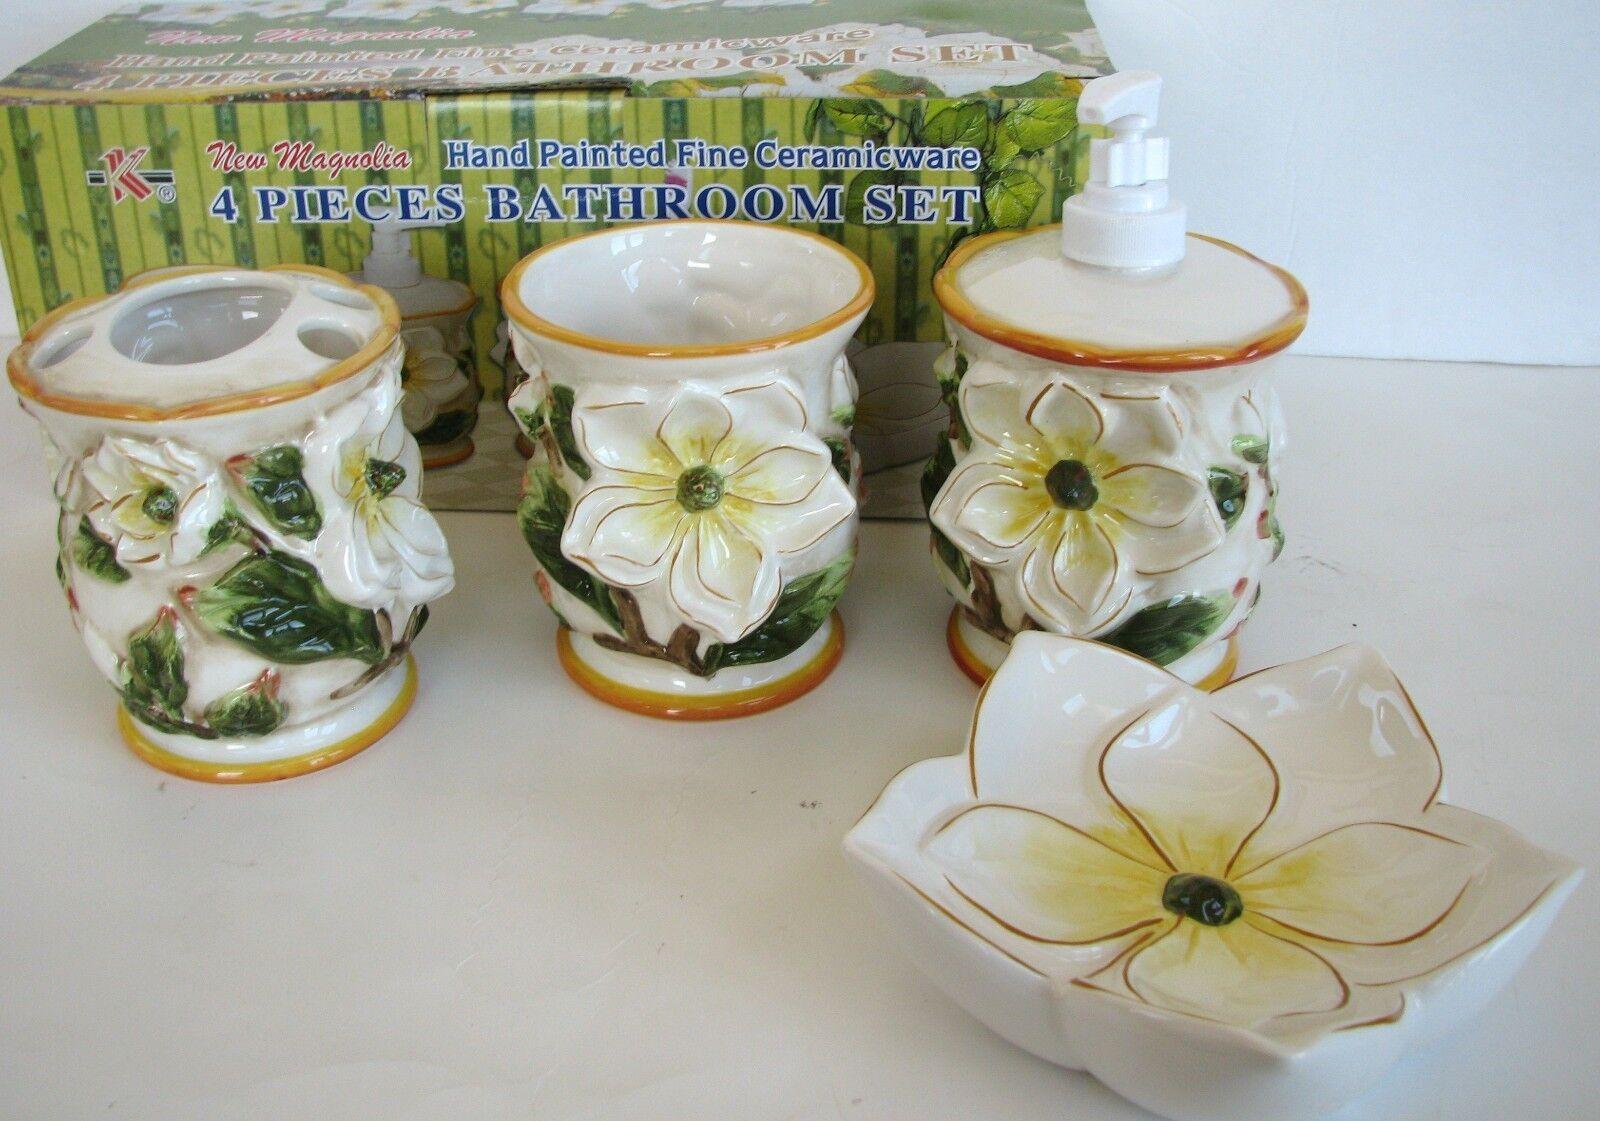 Neu Magnolie Handbemalte Keramik 4PC Seifenspender, Schale, Zahnbürste, Becher   Helle Farben